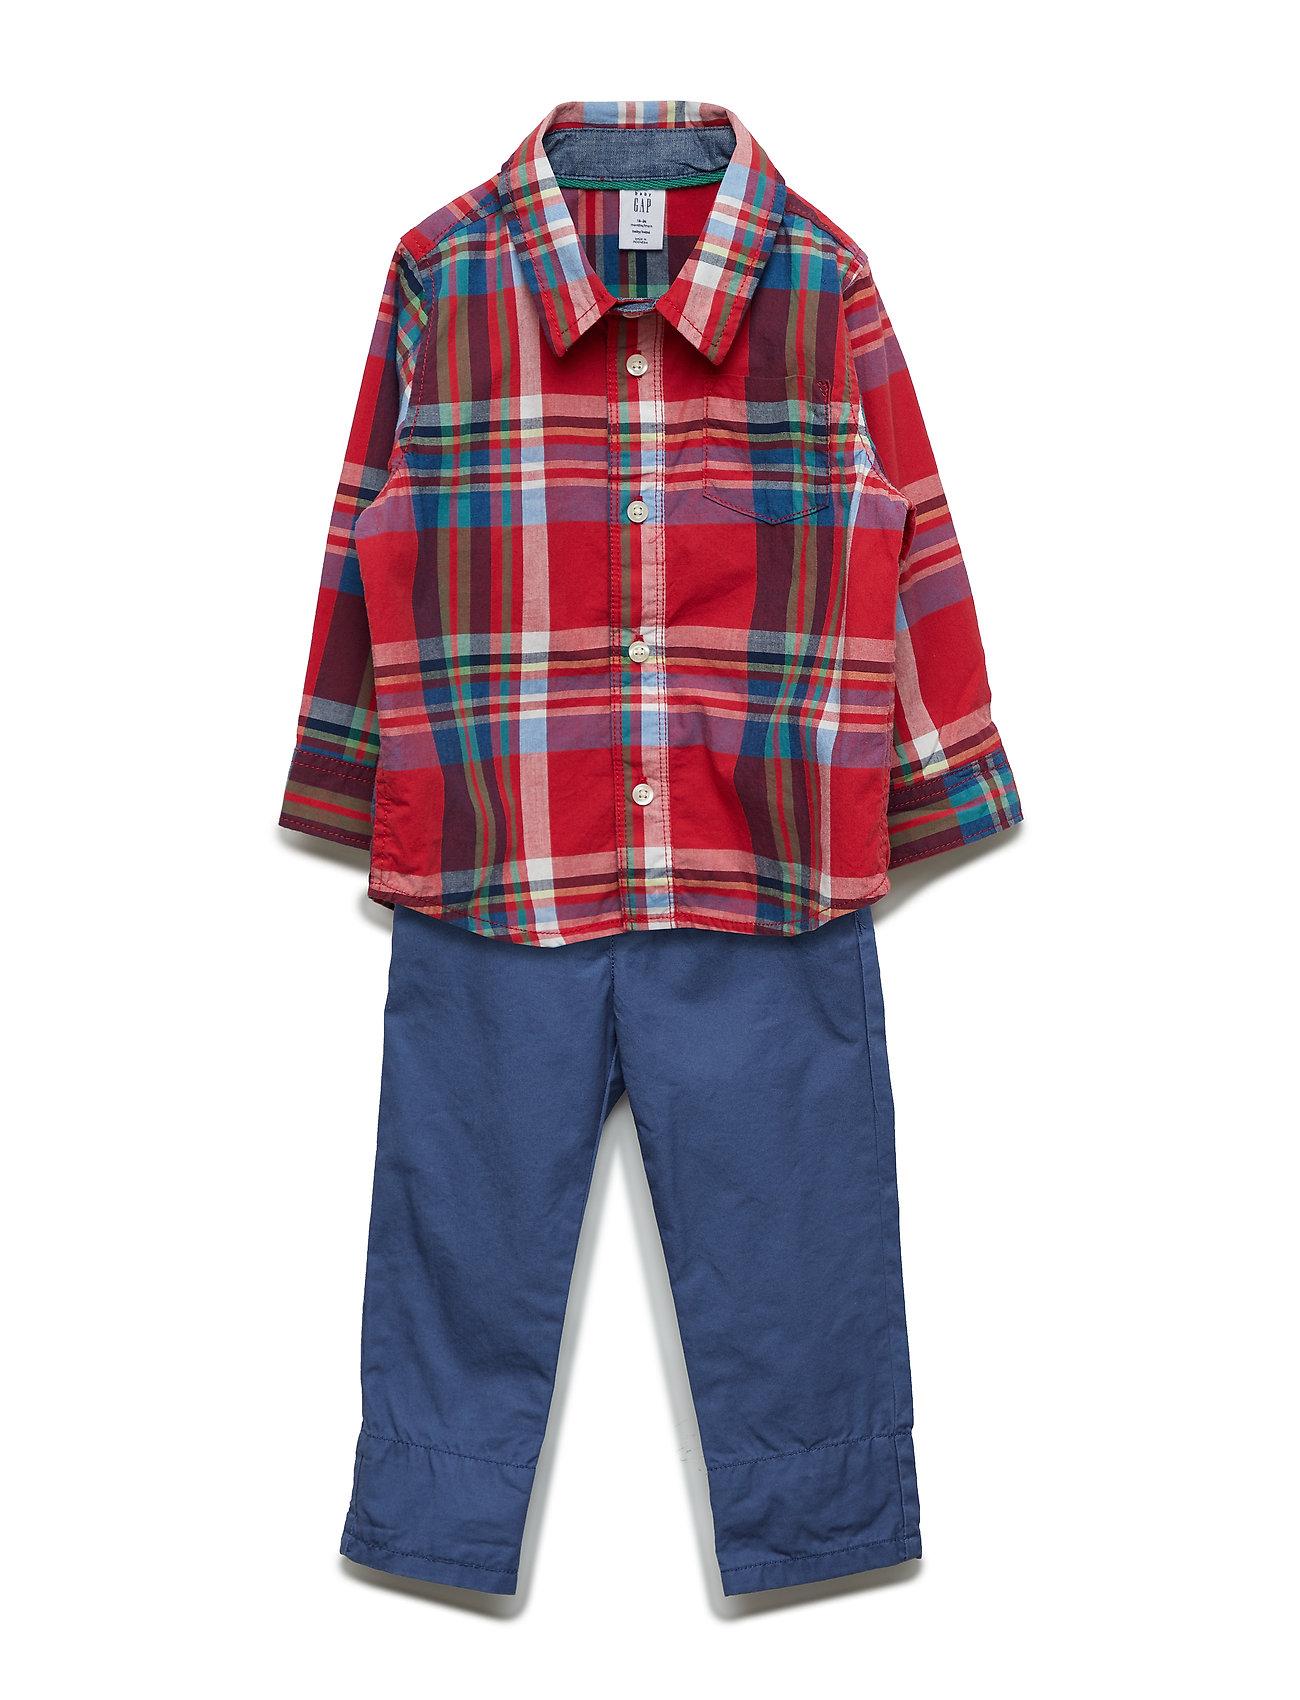 Image of Ls Outfit Set Bukser Blå GAP (3176007263)